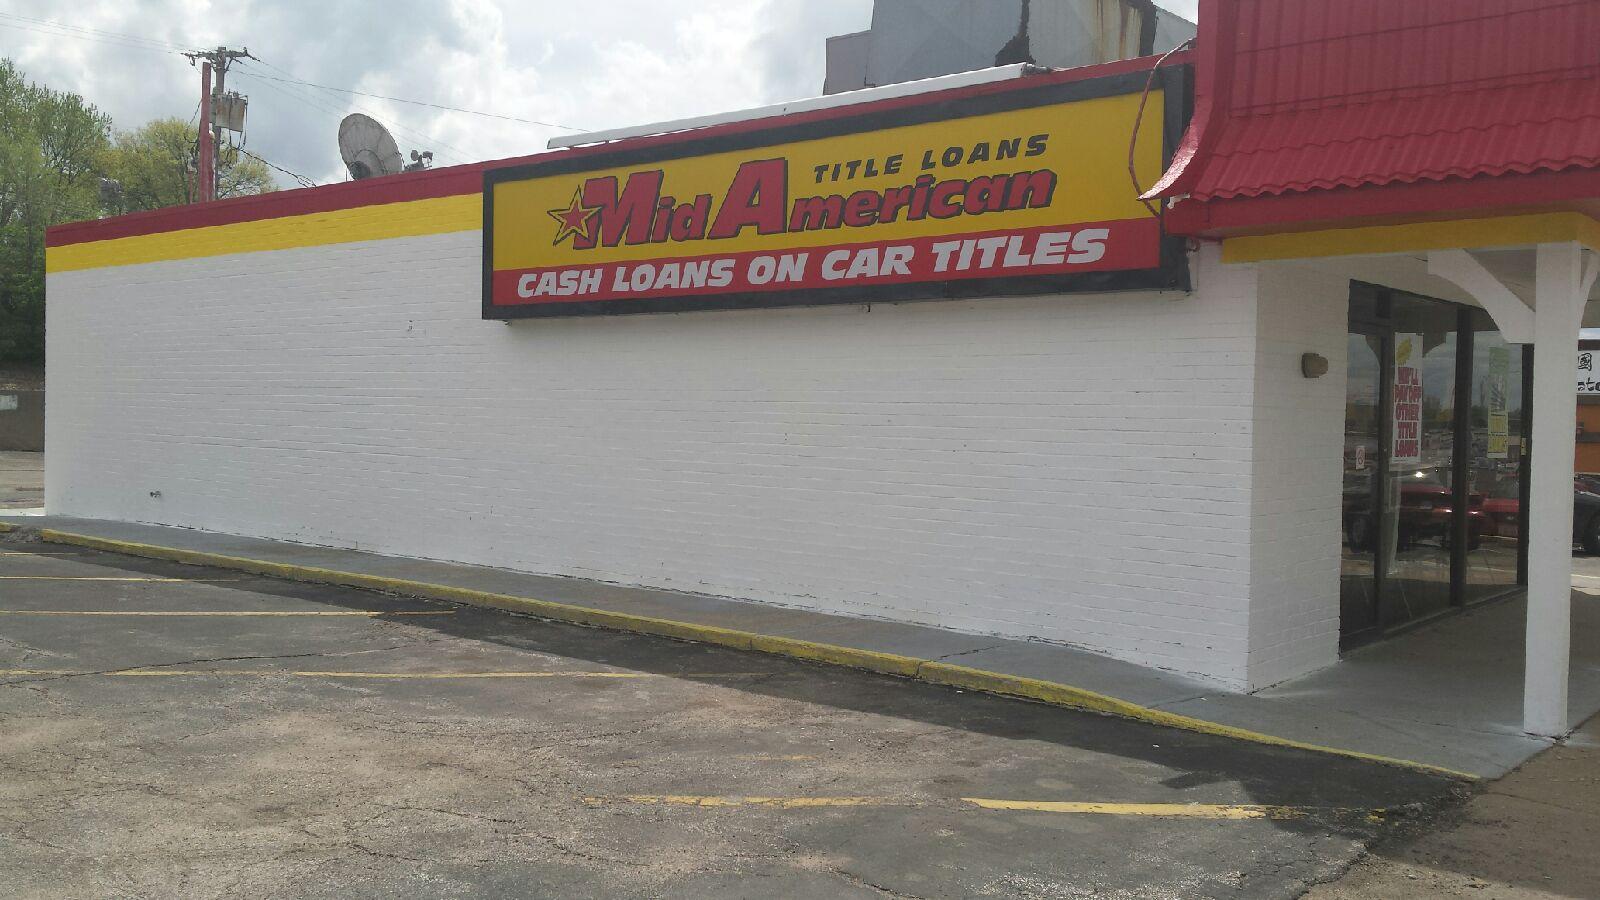 Cash loans la image 1